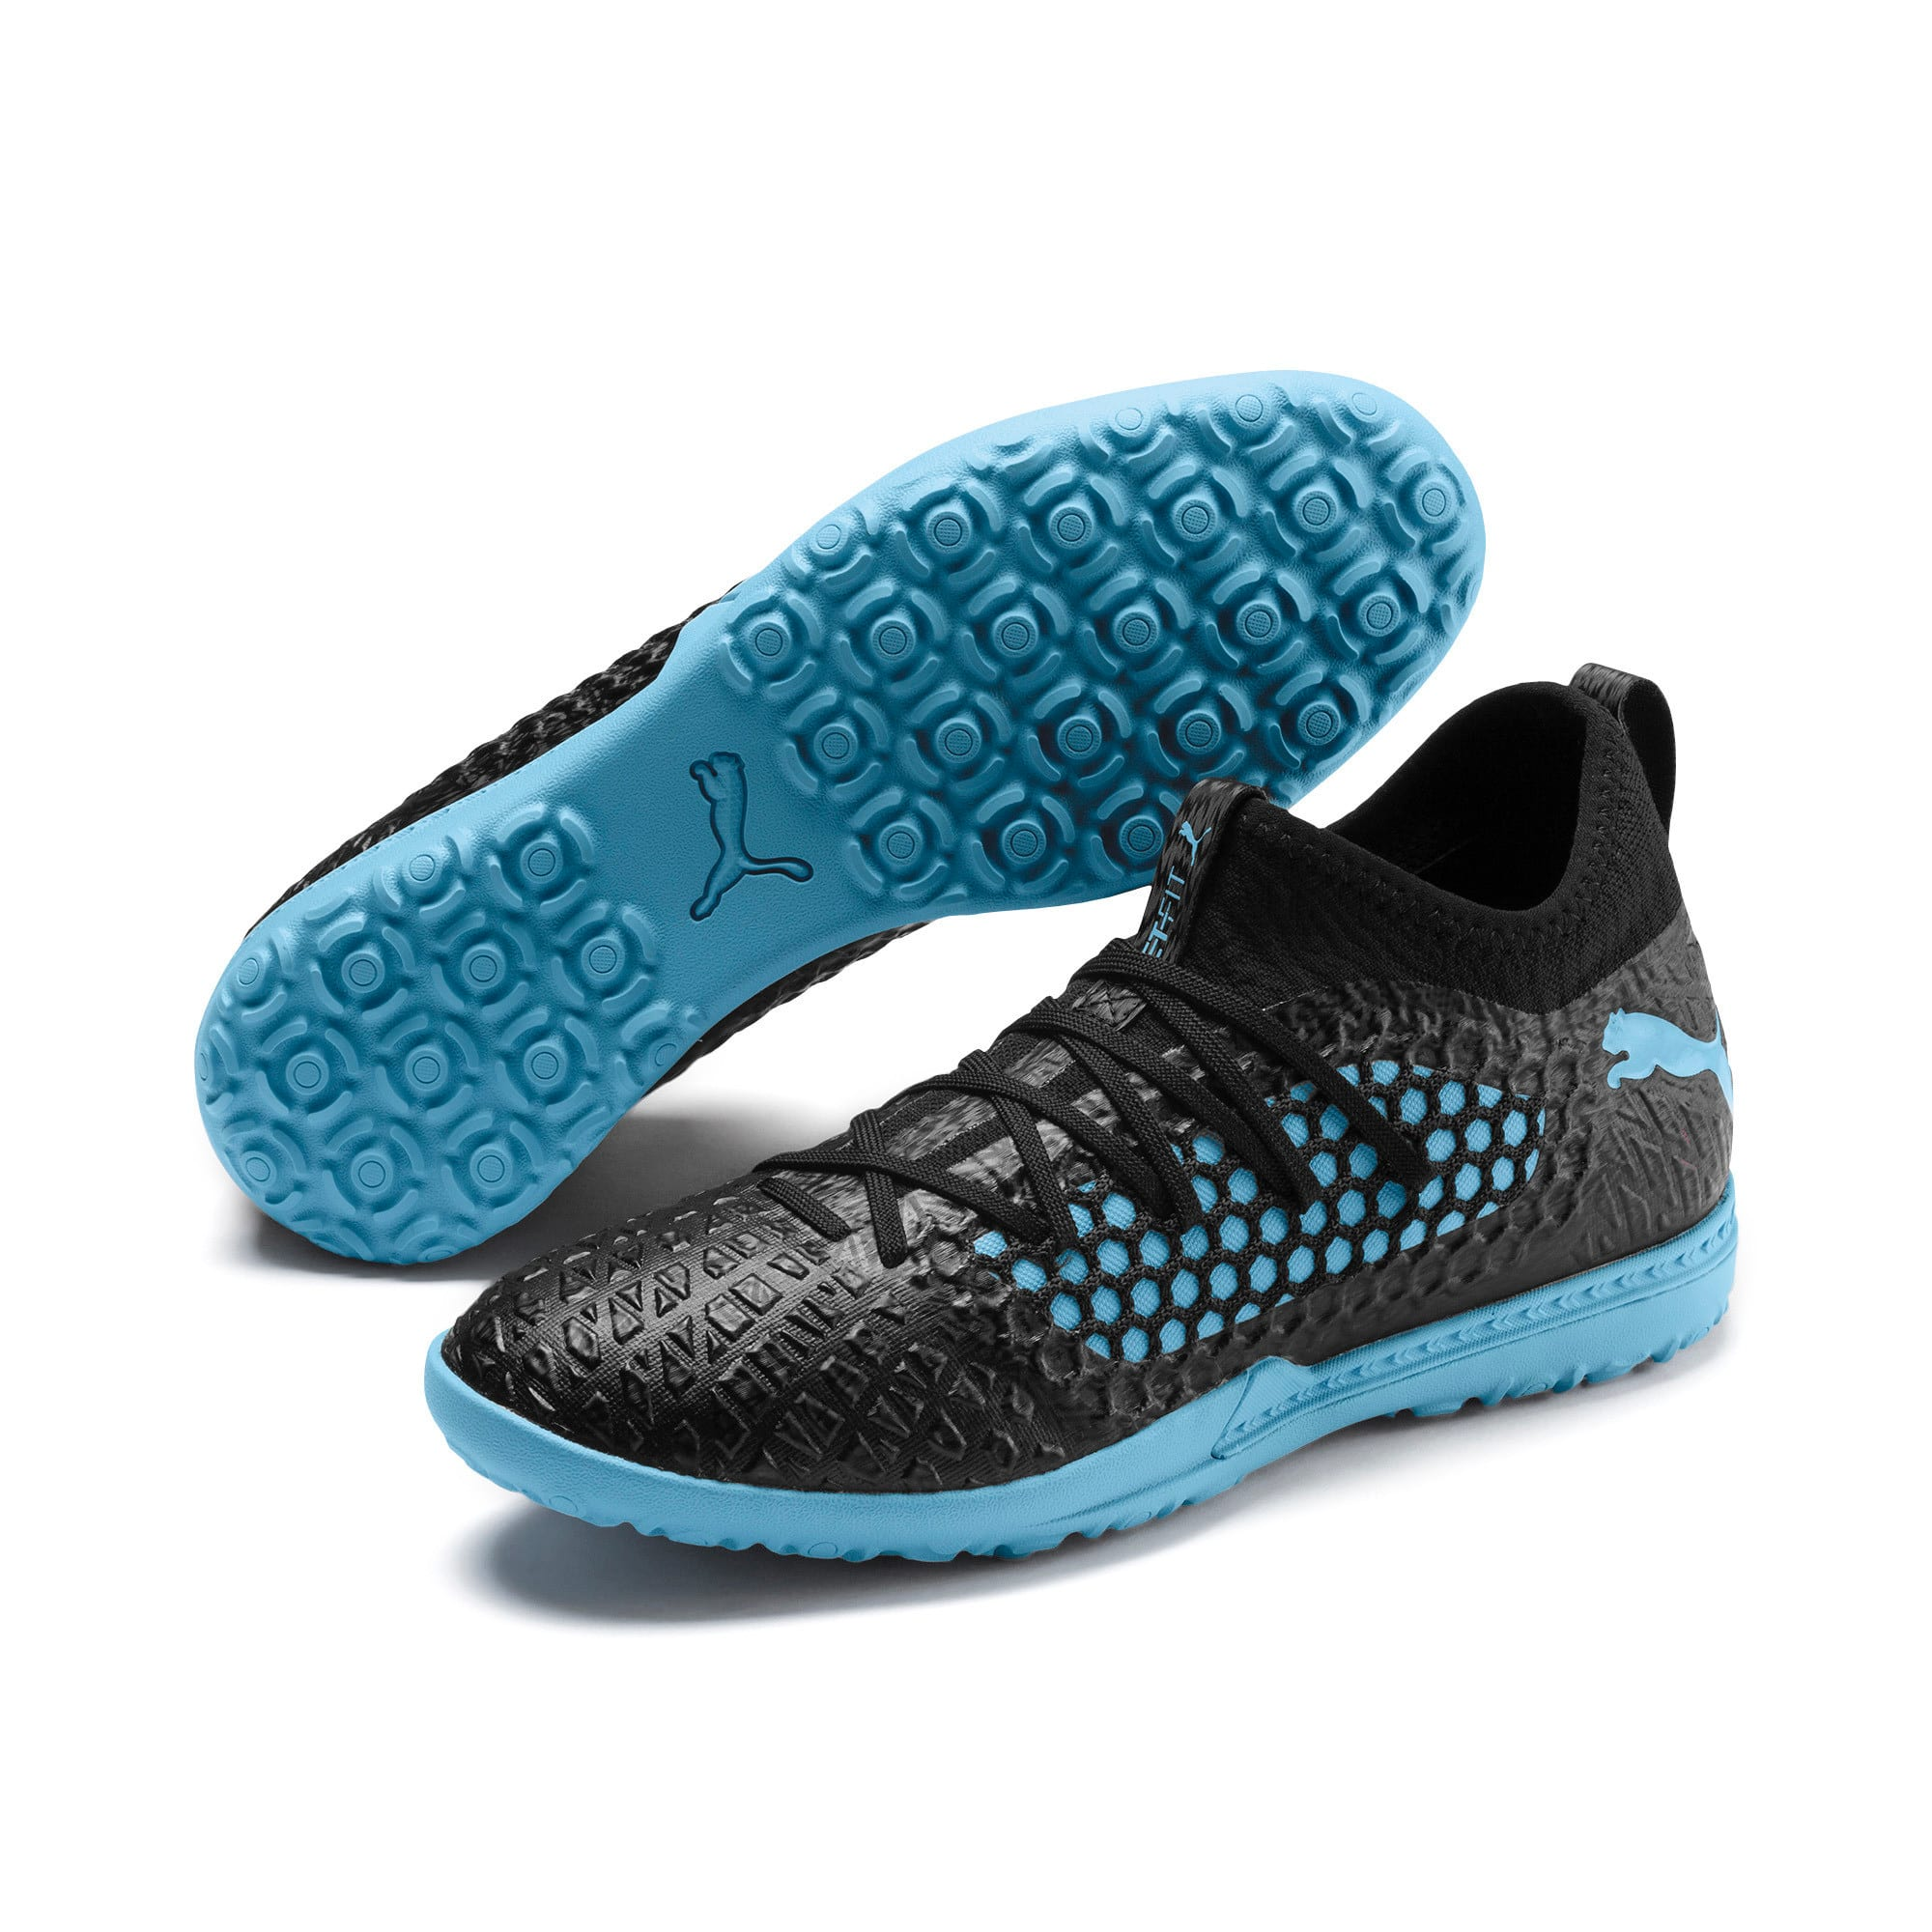 Thumbnail 3 of FUTURE 4.3 NETFIT City TT Men's Soccer Shoes, Black-Sky Blue-Puma White, medium